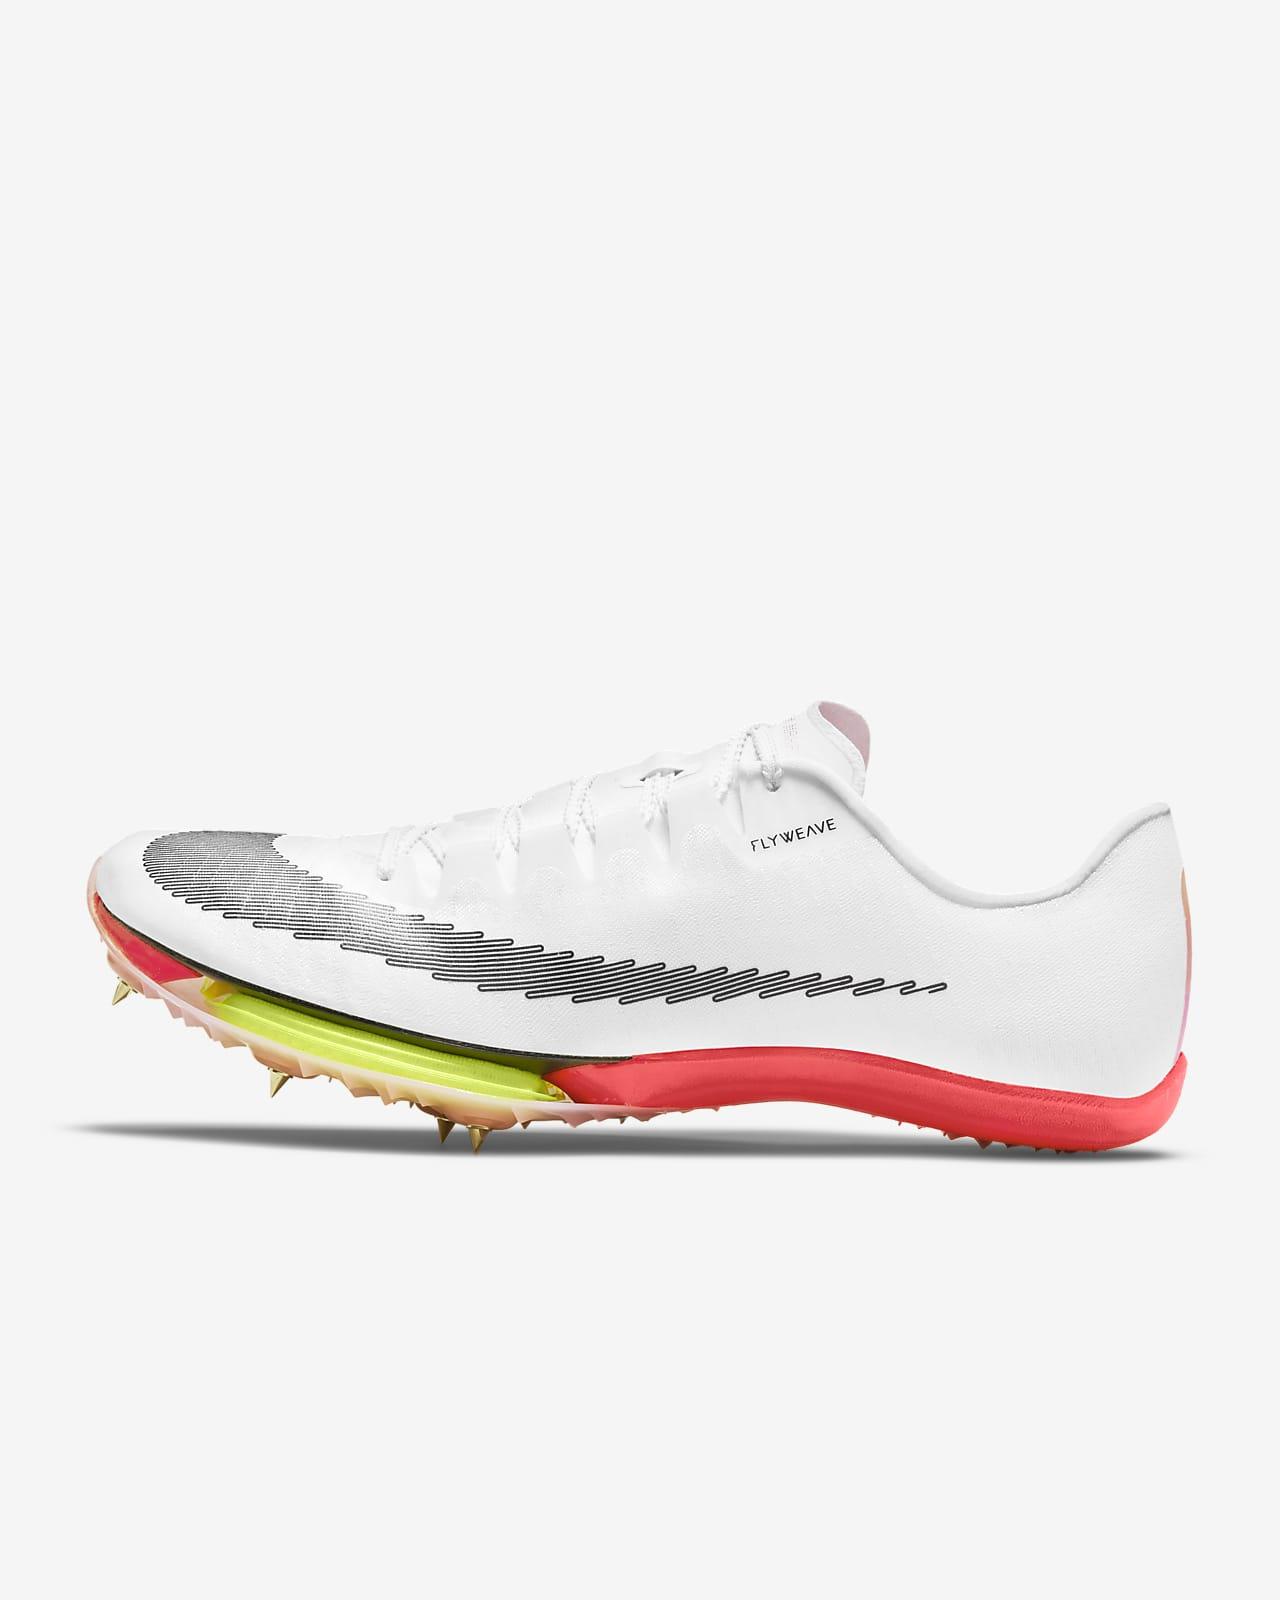 Scarpe chiodate da gara Nike Air Zoom Maxfly